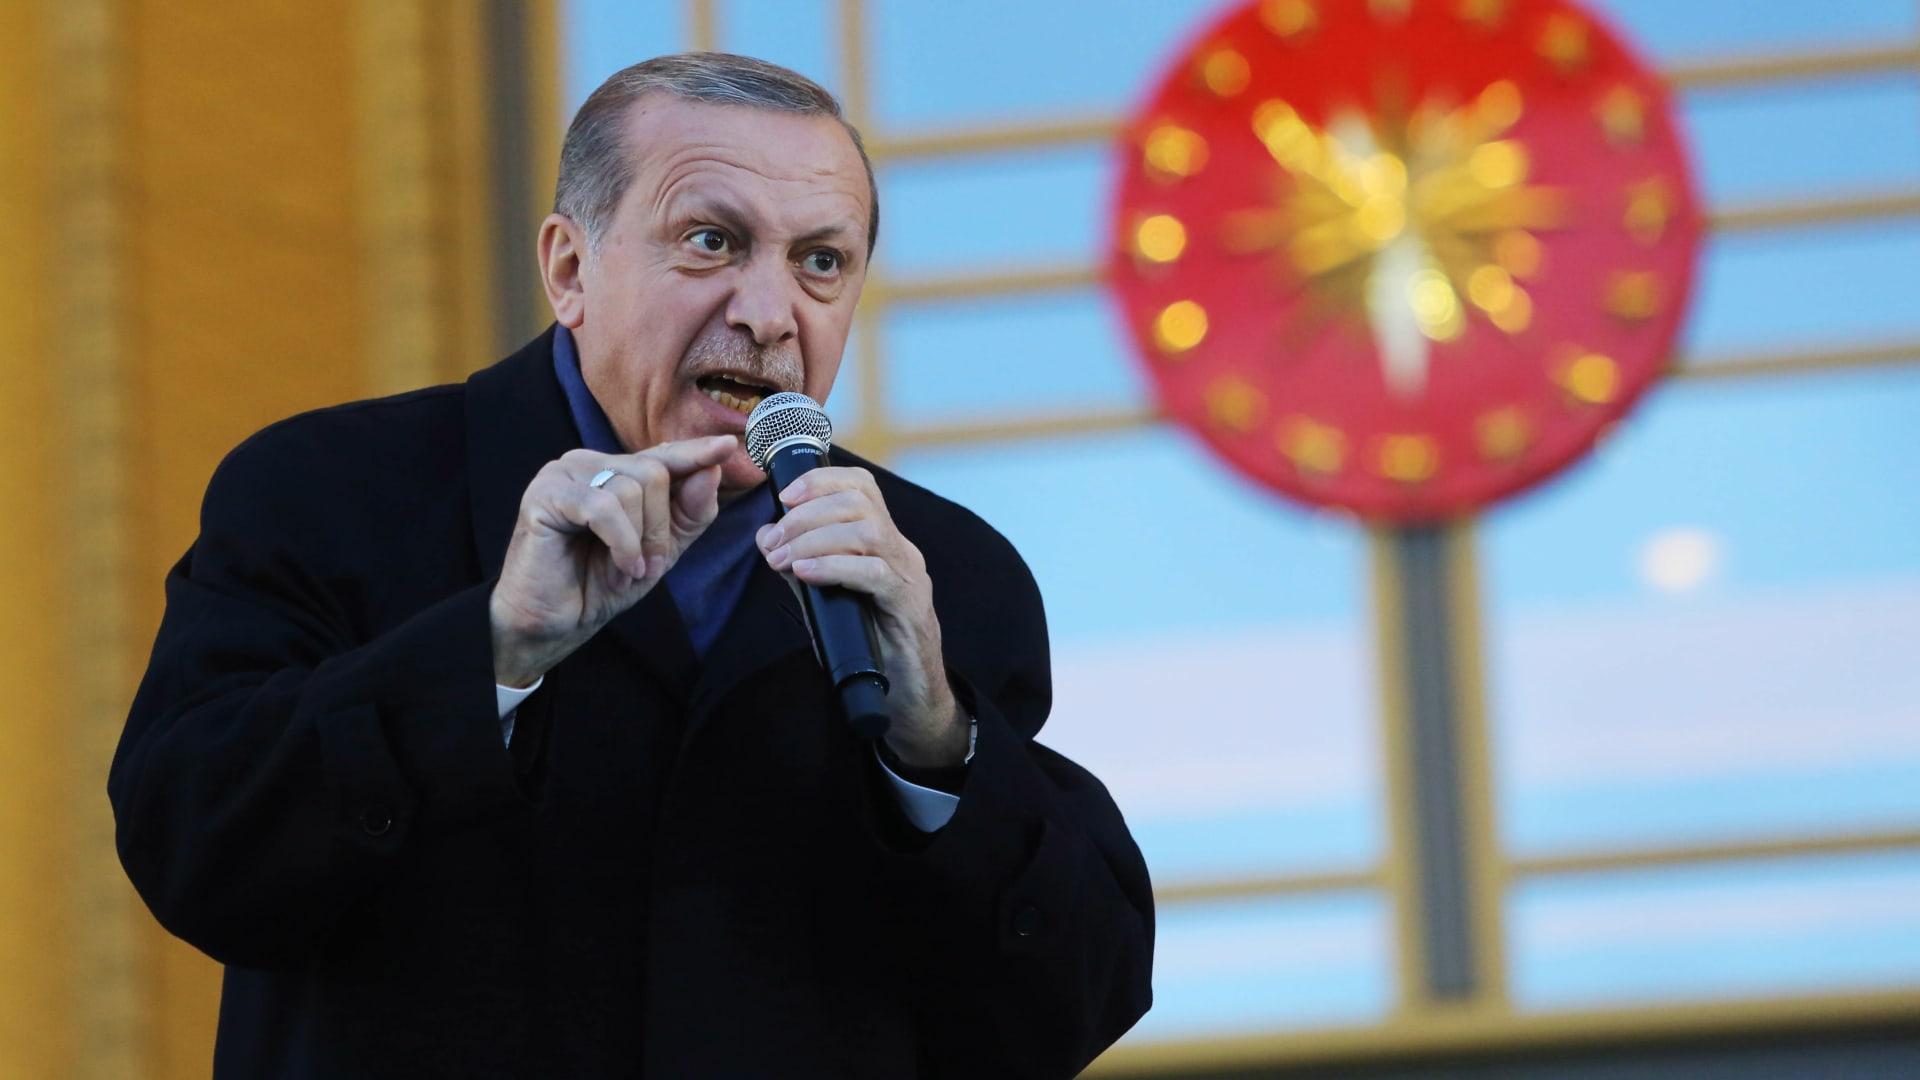 بعد مقتل 13 مواطنا تركيا في العراق.. أردوغان يوجه انتقادات حادة لأمريكا ويهاجم داعمي الإرهاب